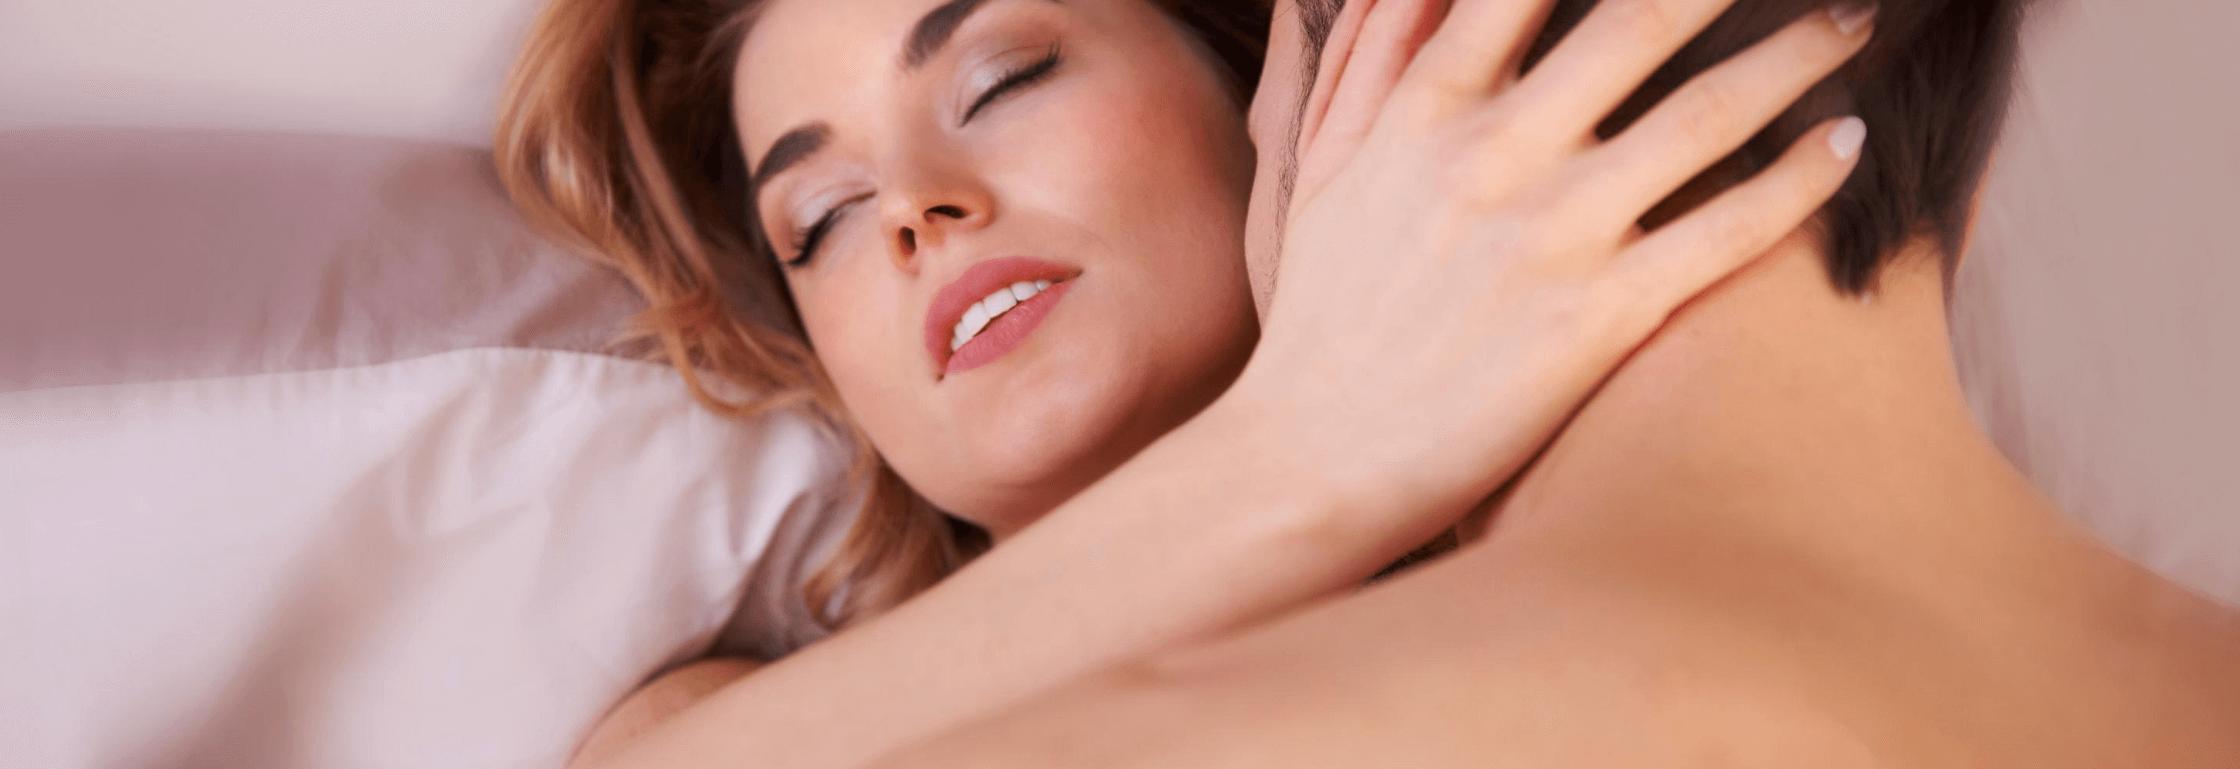 Vaginaler Orgasmus: Wie Frau auf ihre Kosten kommt!